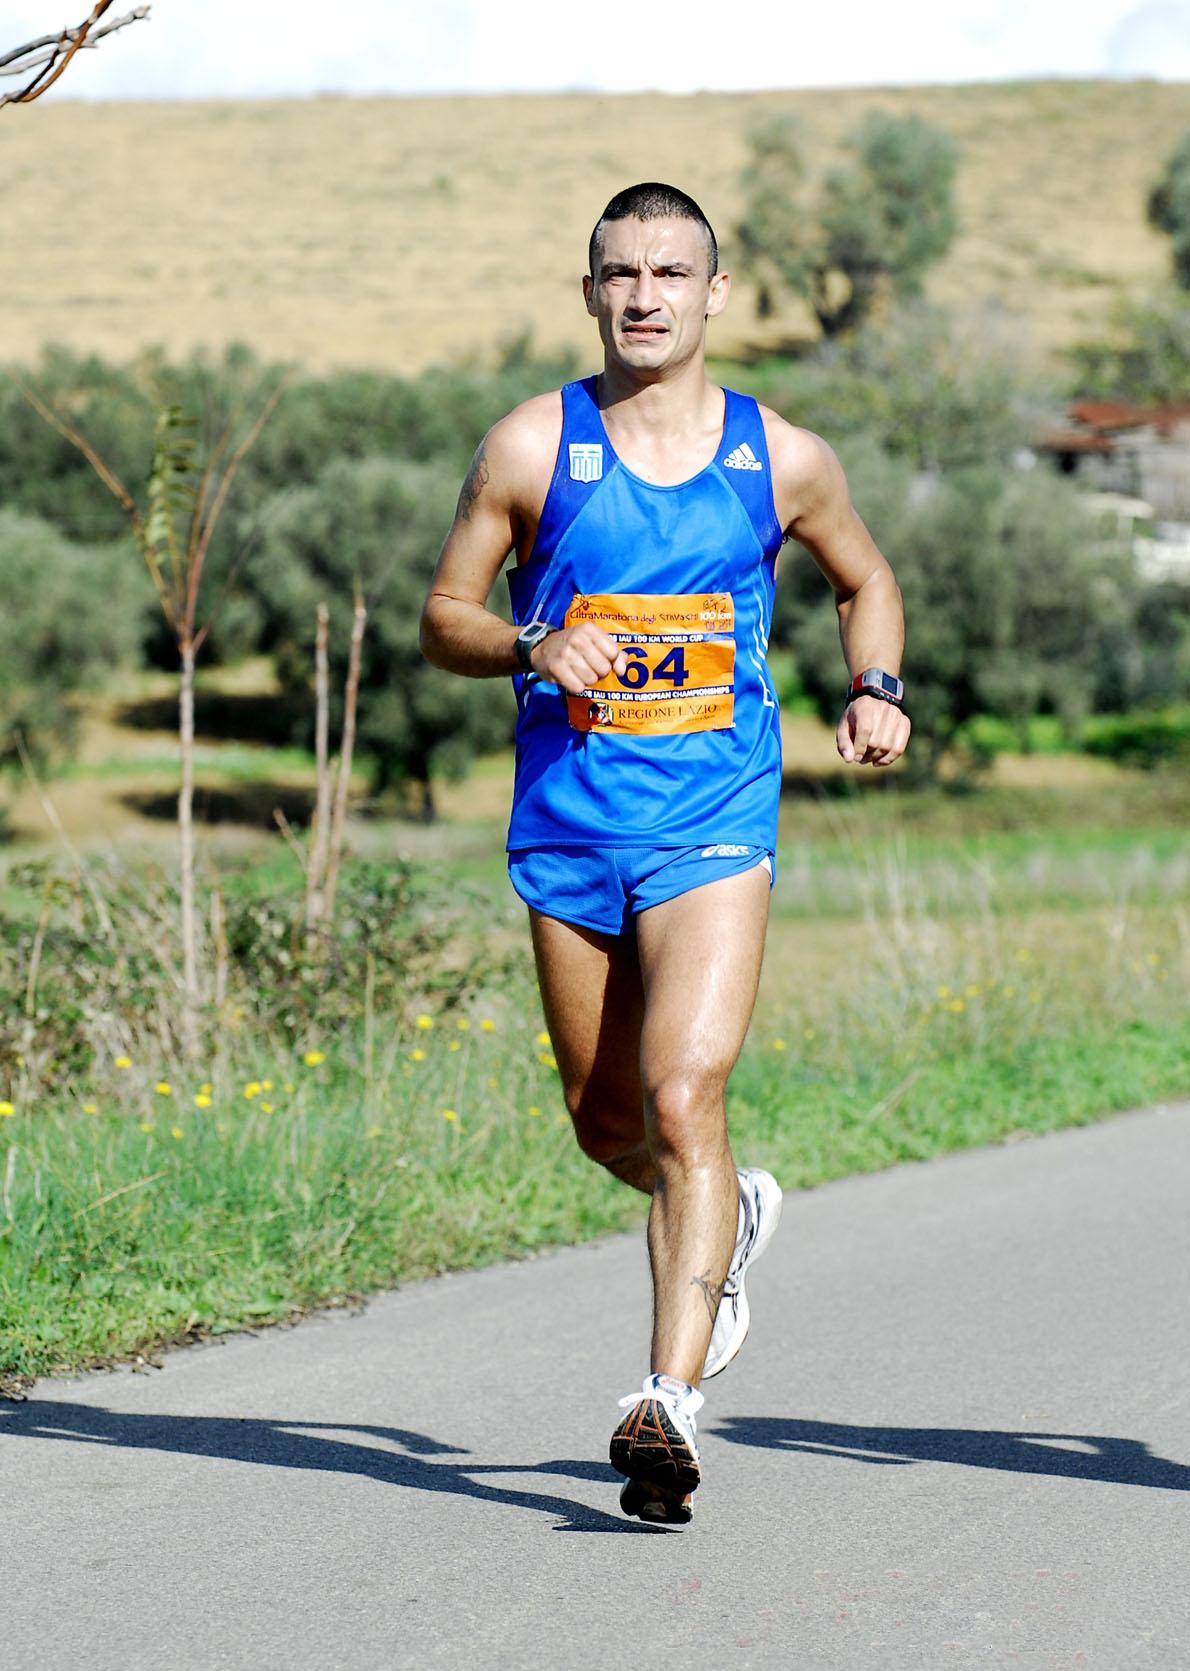 Πανευρωπαικό πρωτάθλημα 100 χλμ 2008 Ιταλια